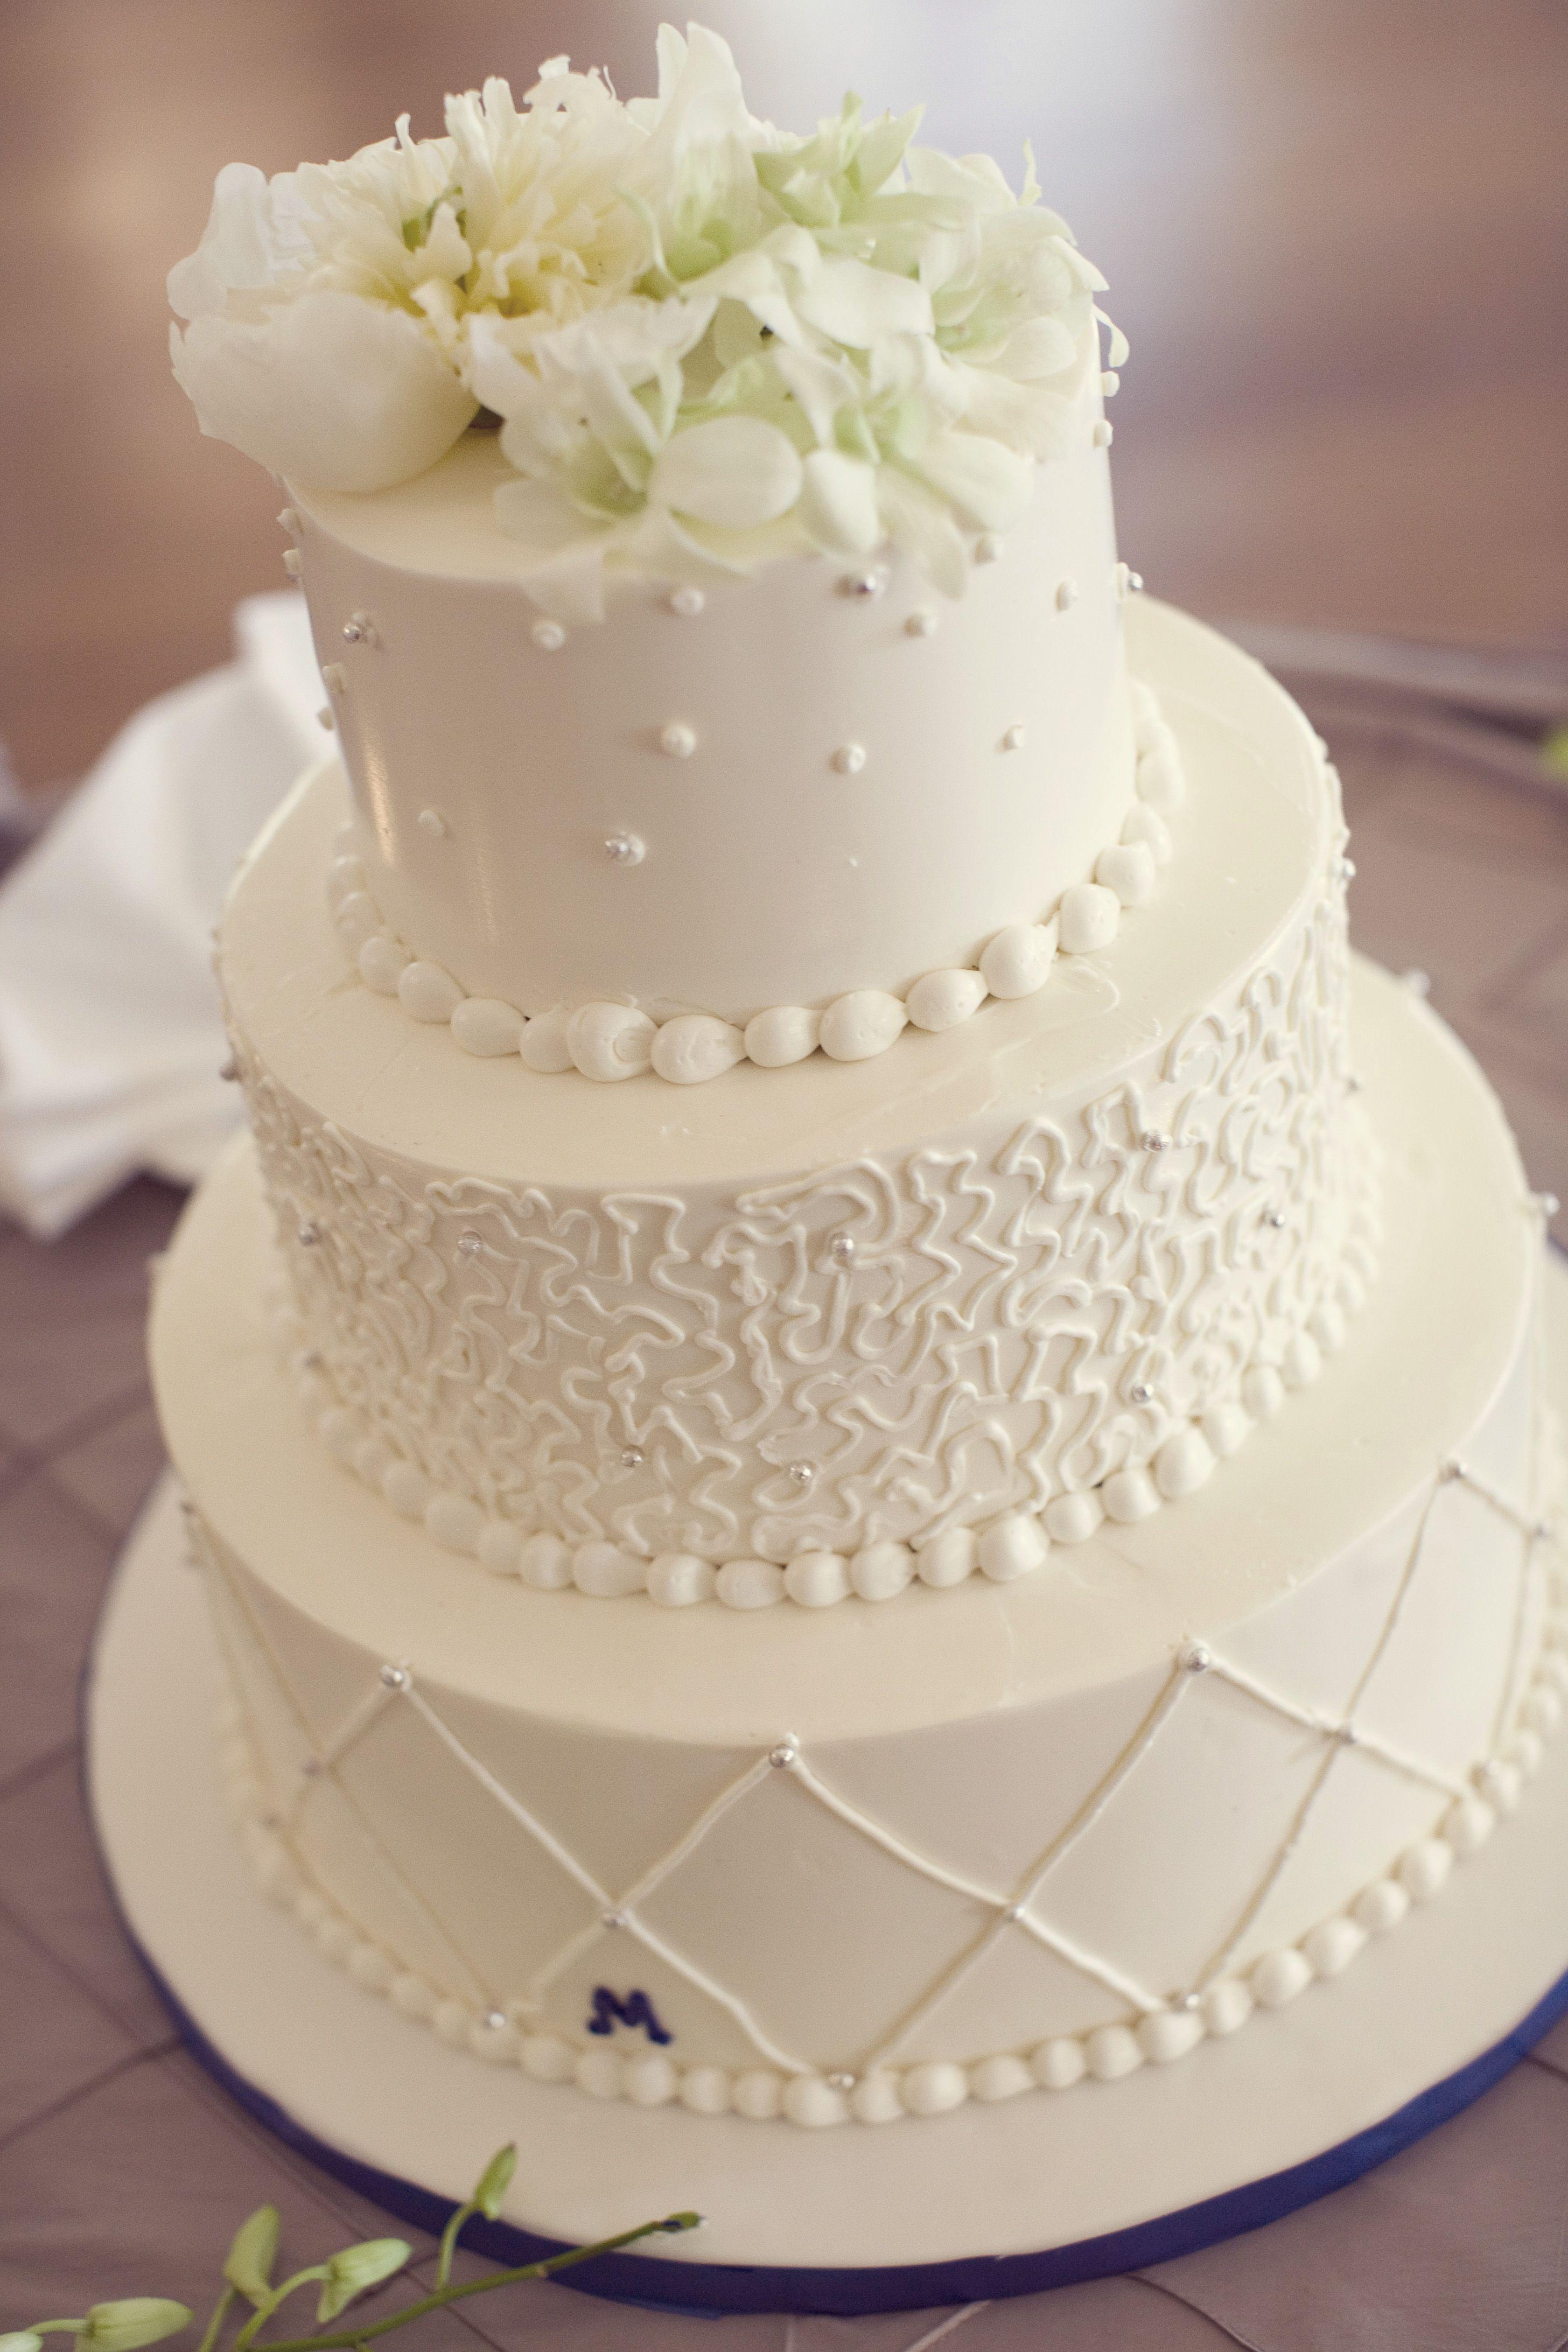 картинки, картинки свадебных тортов без мастики них каждый час